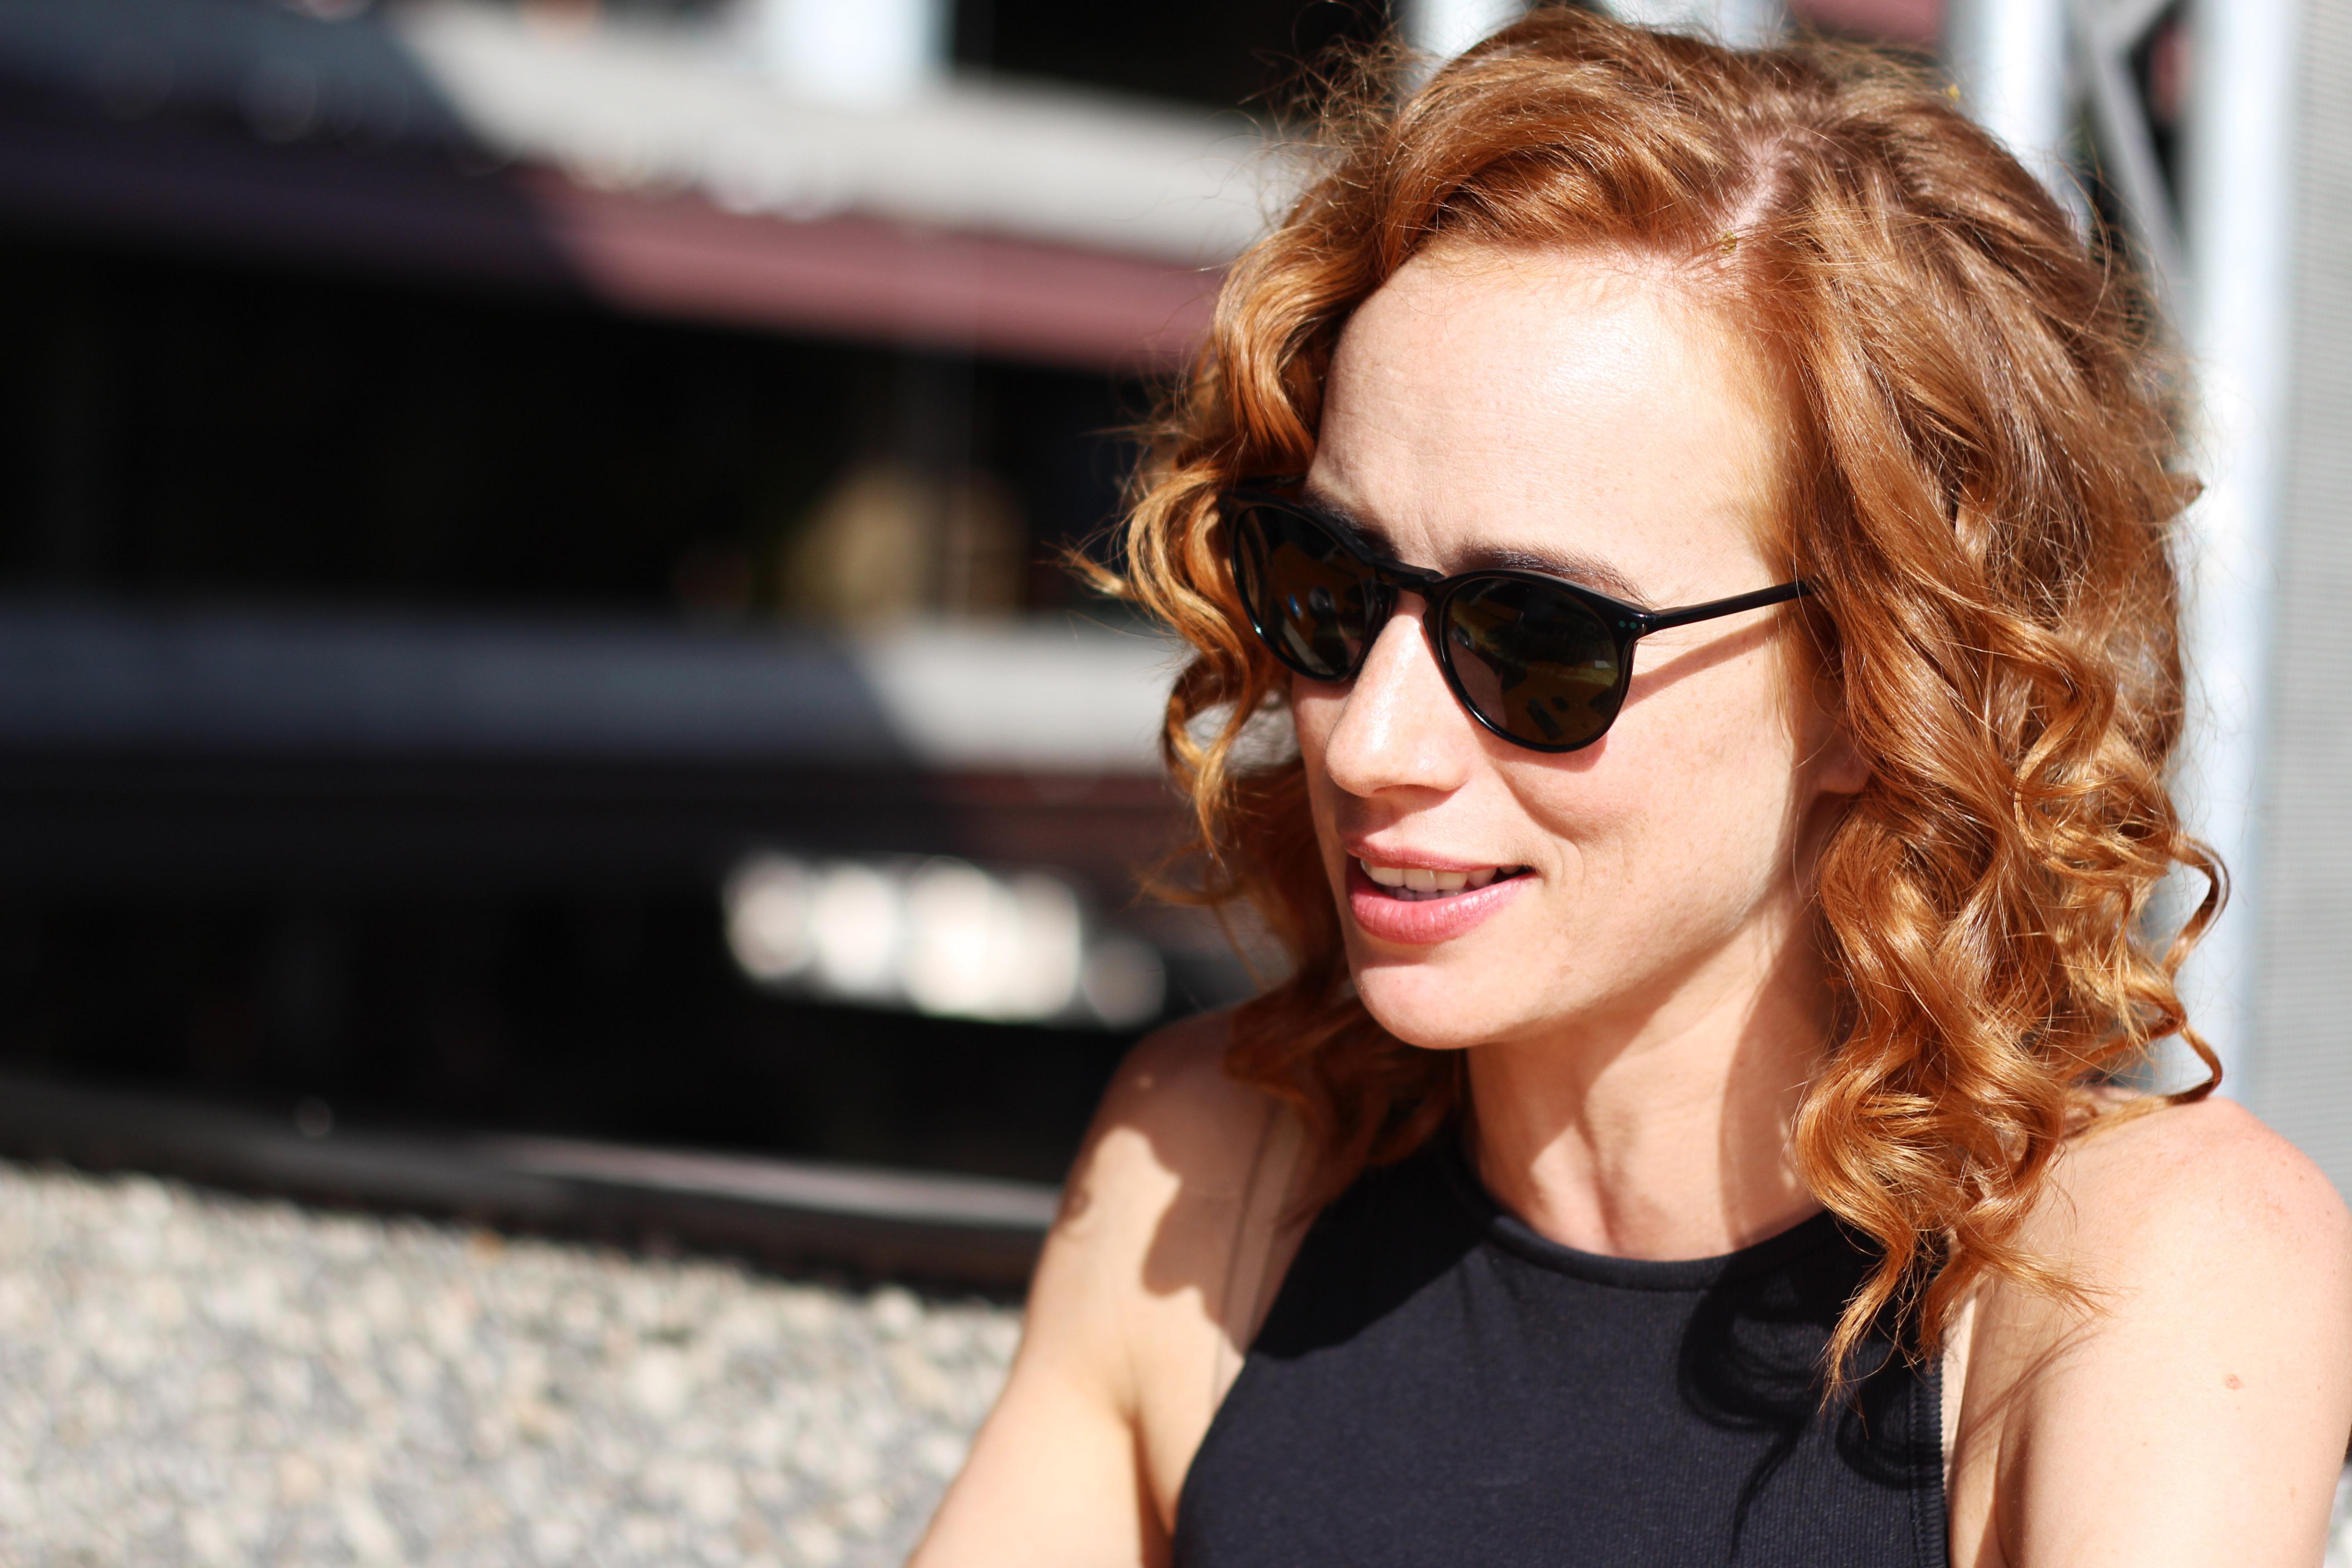 Táňa Pauhofová: Na Slovensku veľa ponúk nedostávam